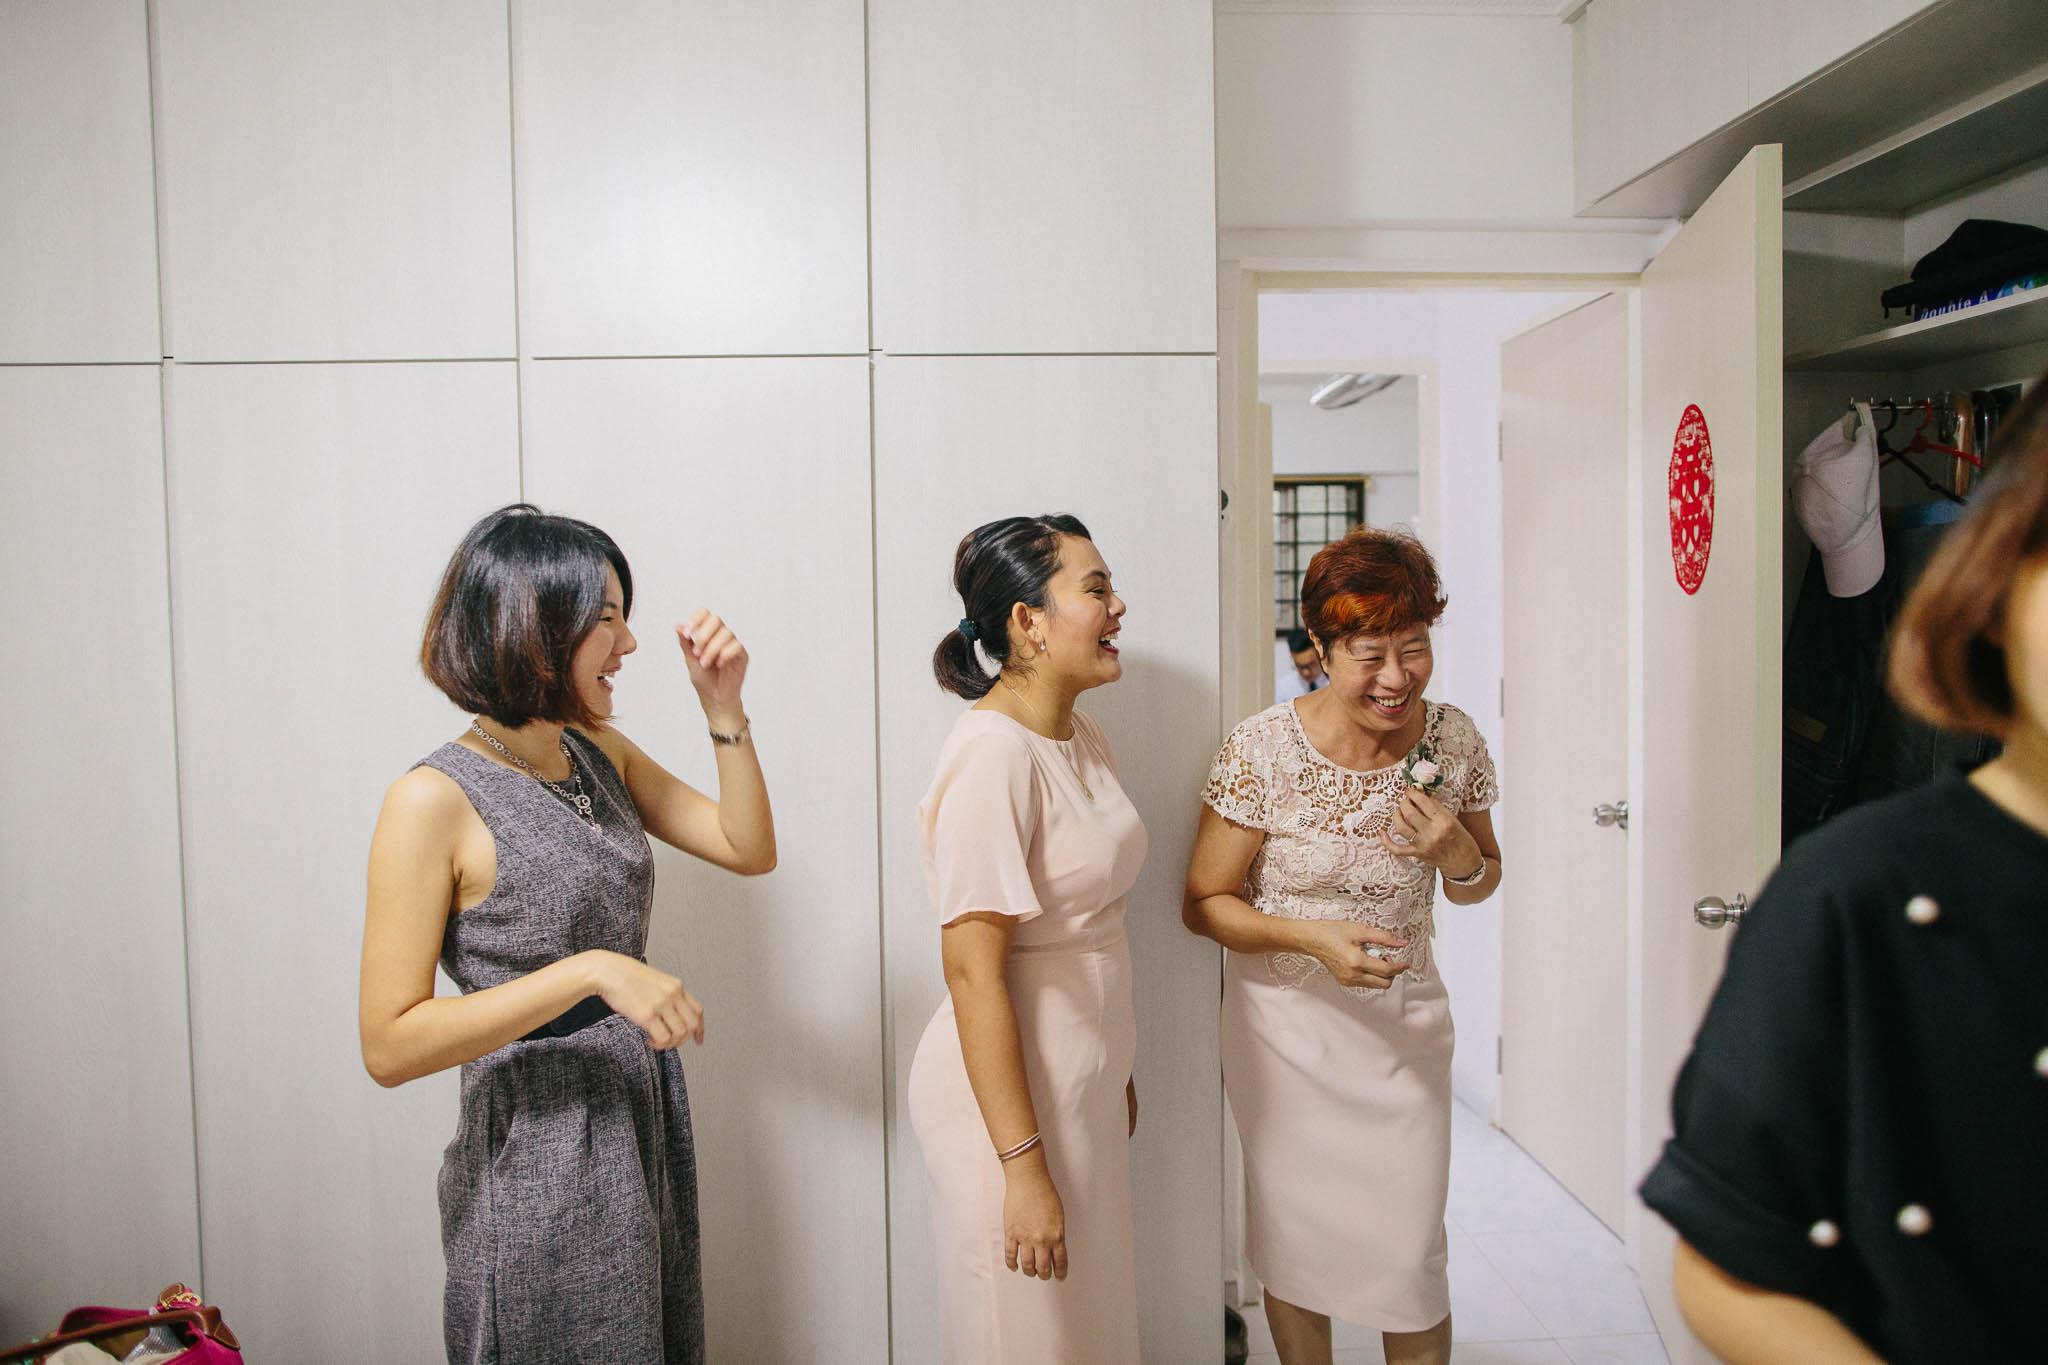 singapore-wedding-photographer-zhongwei-shihui-004.jpg